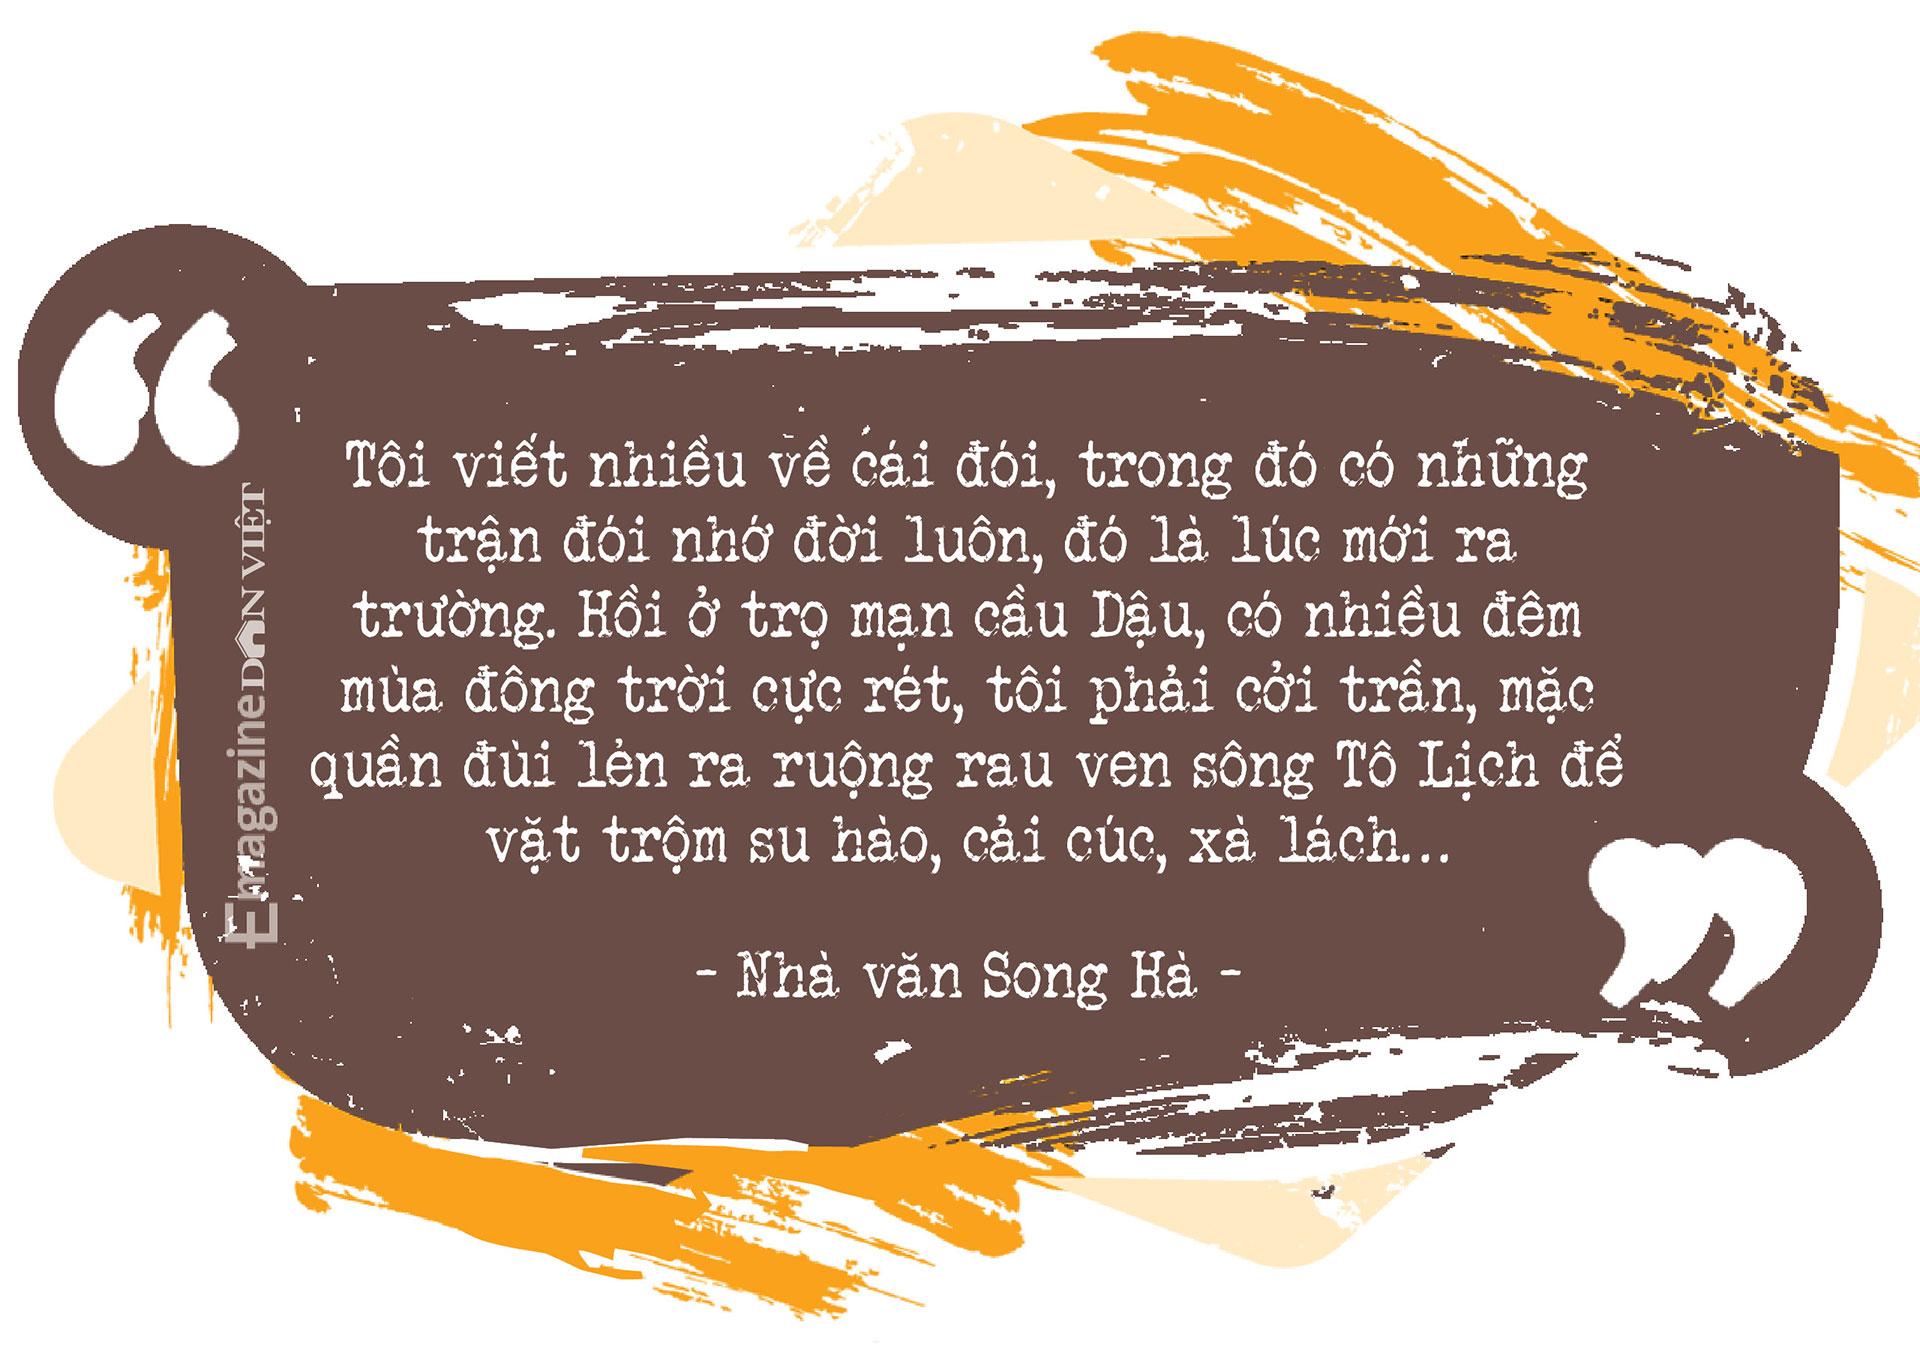 Cây bút văn học mạng Song Hà: Mảng đề tài đa cấp, đòi nợ… tôi viết dễ như thò tay vào túi lấy kẹo - Ảnh 11.